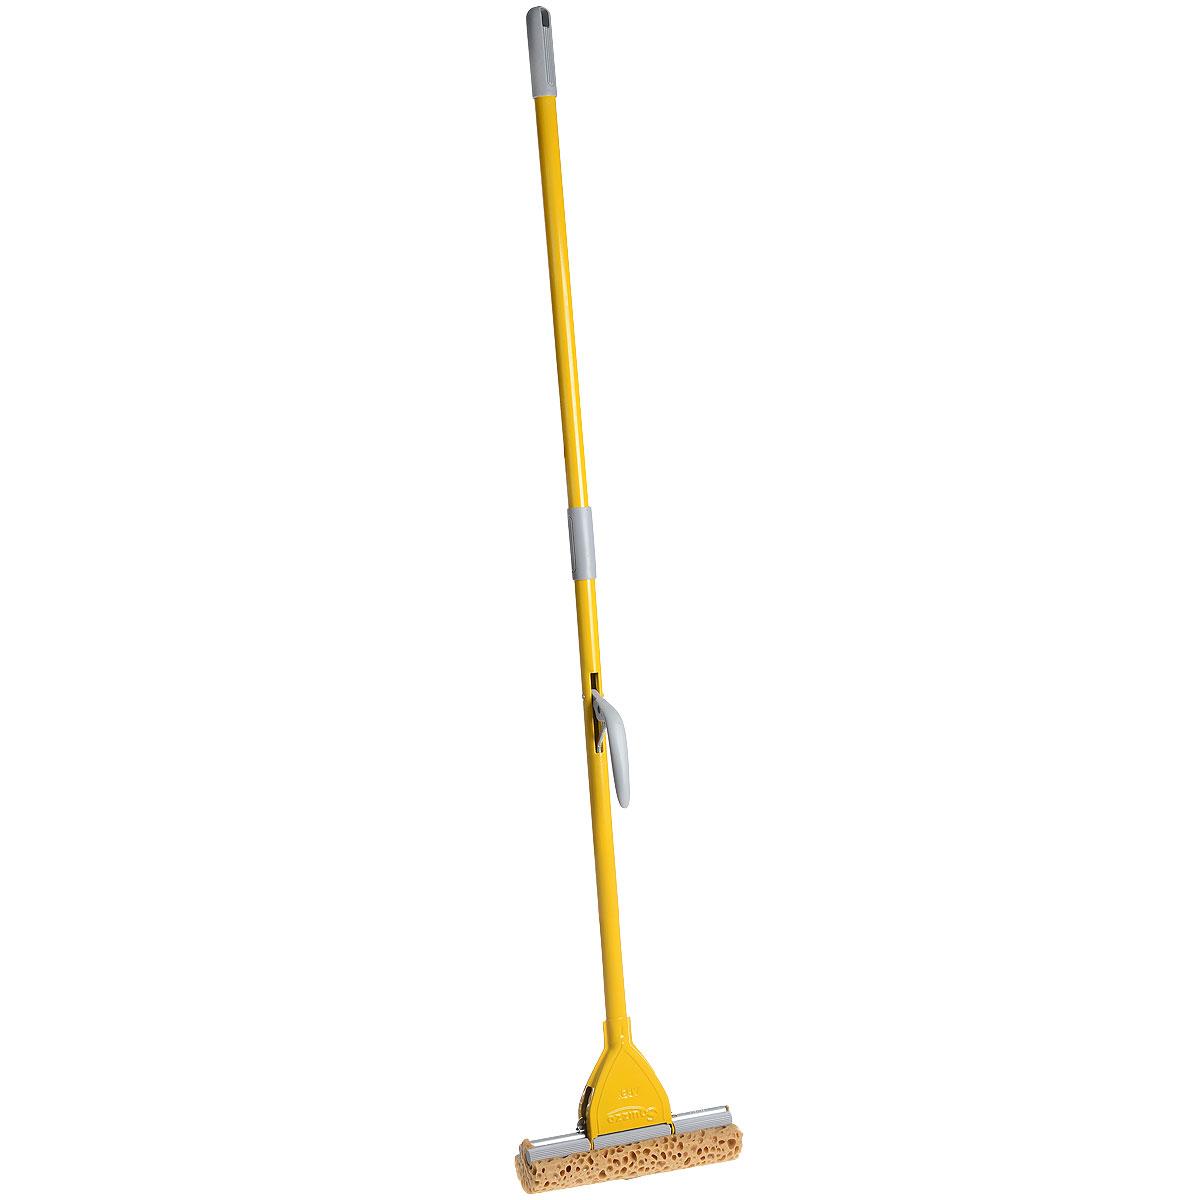 Швабра Apex Minor, с отжимом, цвет: желтый, серый, 25 см10501-A_серыйШвабра Apex Minor предназначена для уборки в доме. Насадка, изготовленная из поролона, крепится к стальной трубке. Насадка имеет специальную форму, которая позволяет легко и качественно мыть полы. Специальная система отжима позволяет отжимать воду более эффективно, чем вручную. Ширина рабочей поверхности: 25 см. Длина ручки: 130 см.